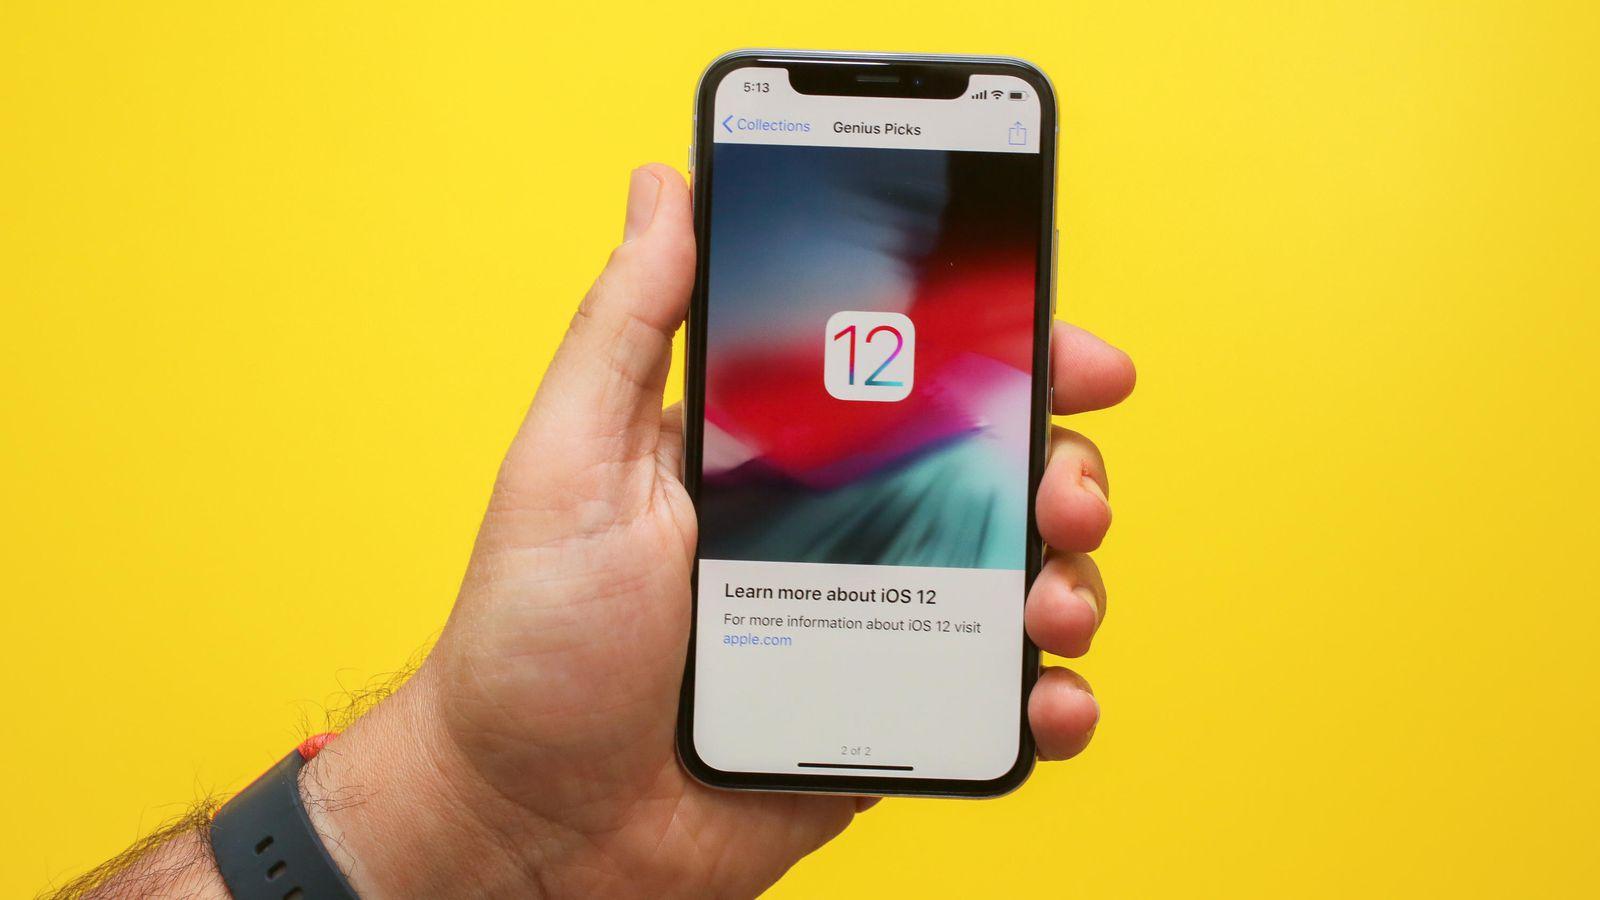 Обзор iOS 12_какая она сейчас и что ожидать в дальнейшем - число 12 на экране